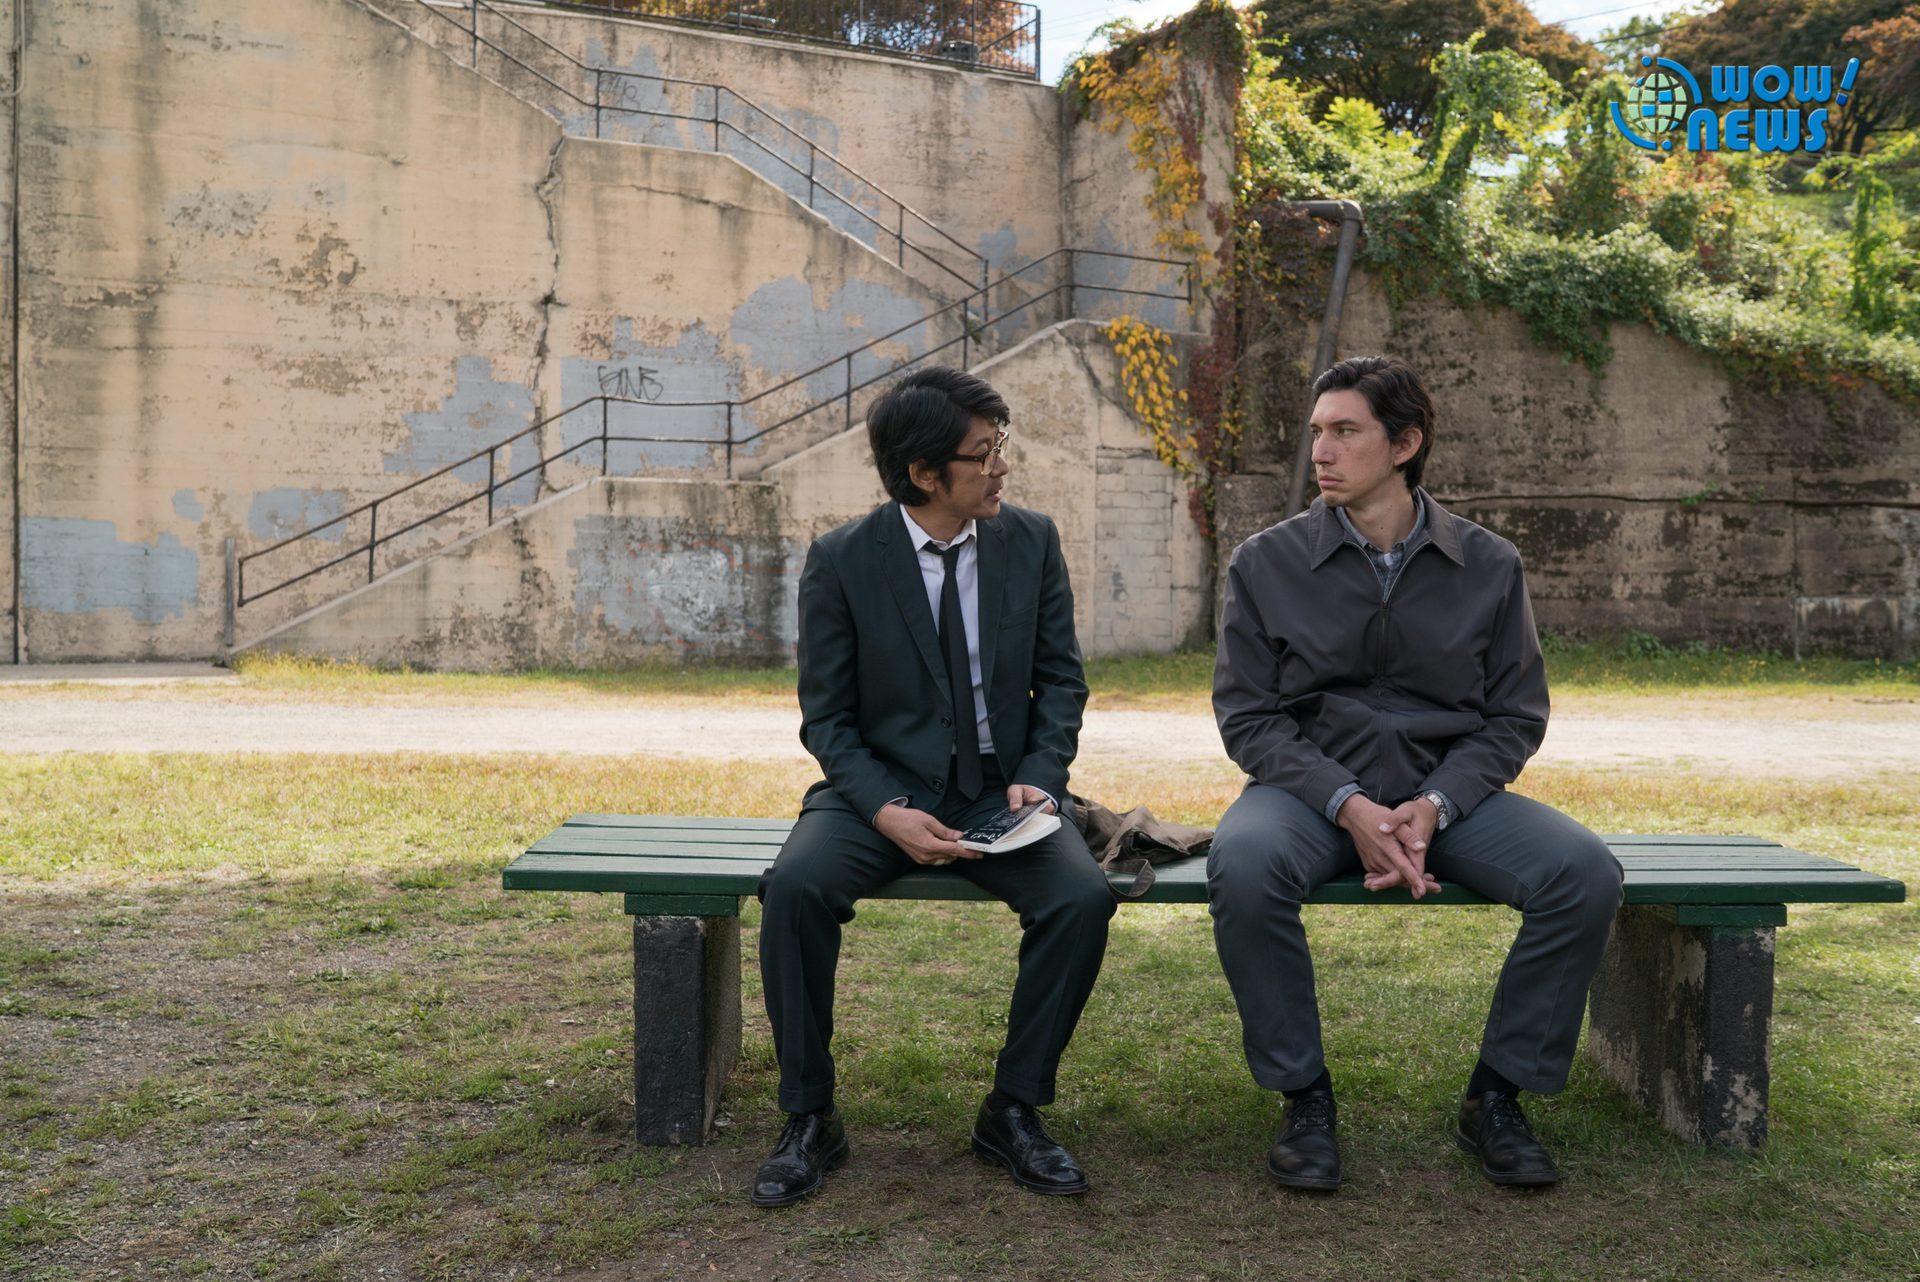 27年後再度跟名導賈木許合作 永瀨正敏友情跨刀《派特森》演出